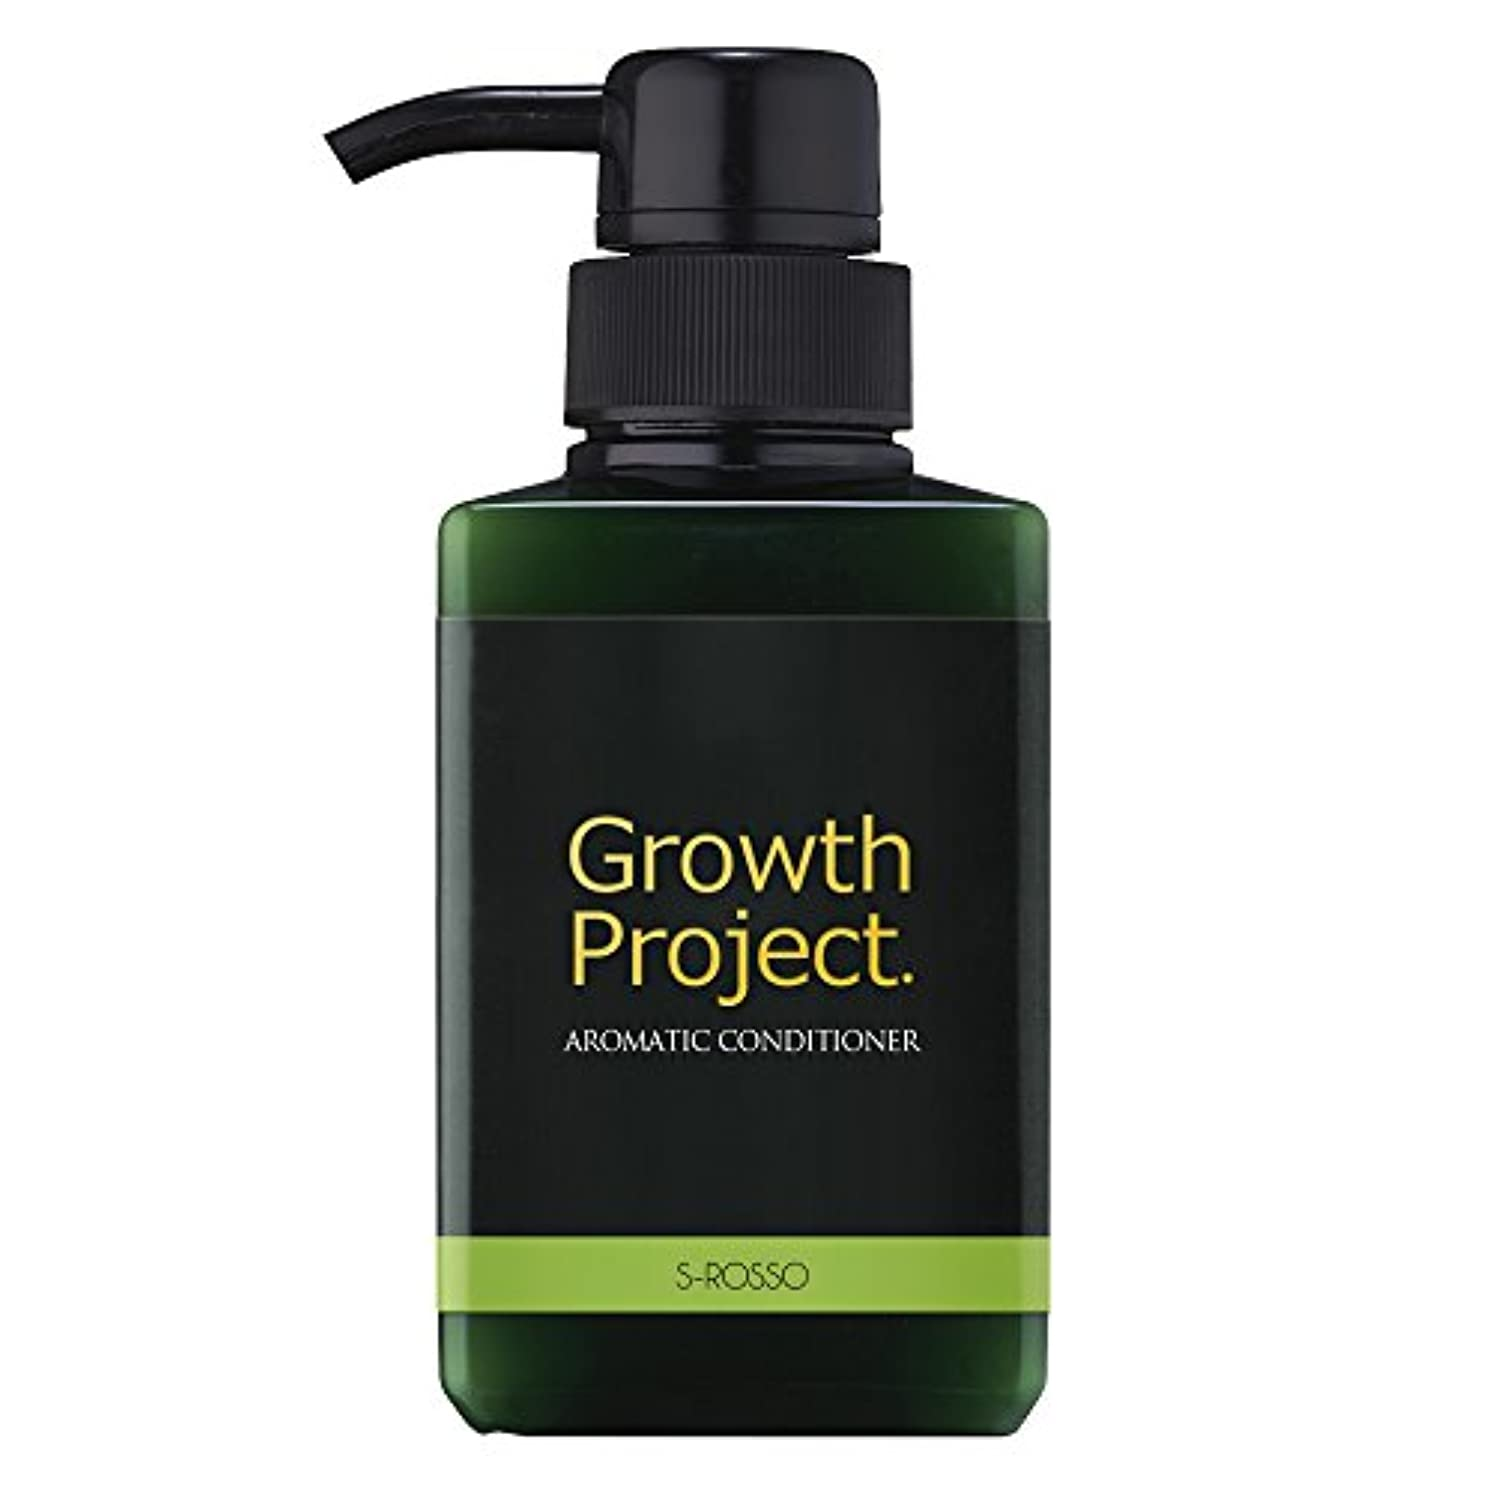 クレタ不明瞭禁じるGrowth Project アロマコンディショナー